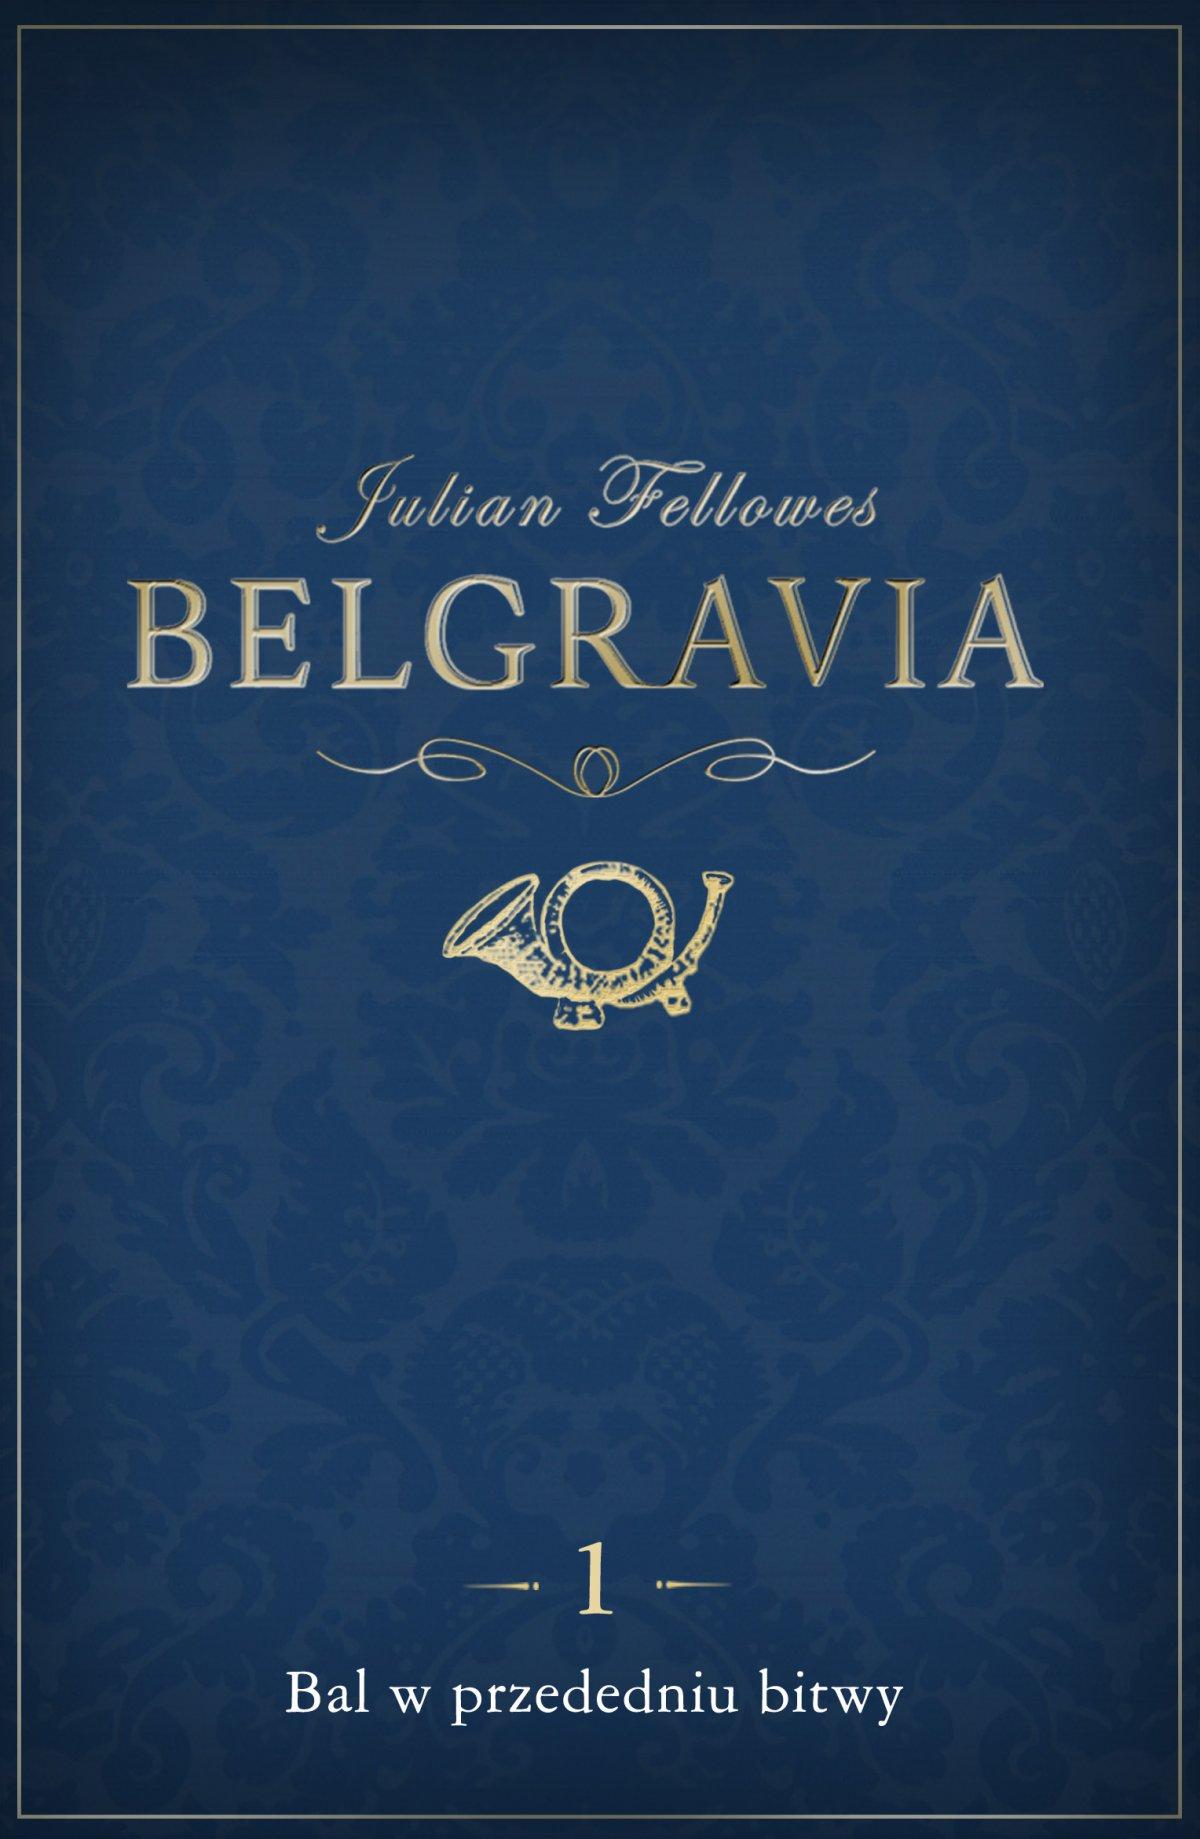 Belgravia Bal w przededniu bitwy. Odcinek 1 - Ebook (Książka EPUB) do pobrania w formacie EPUB